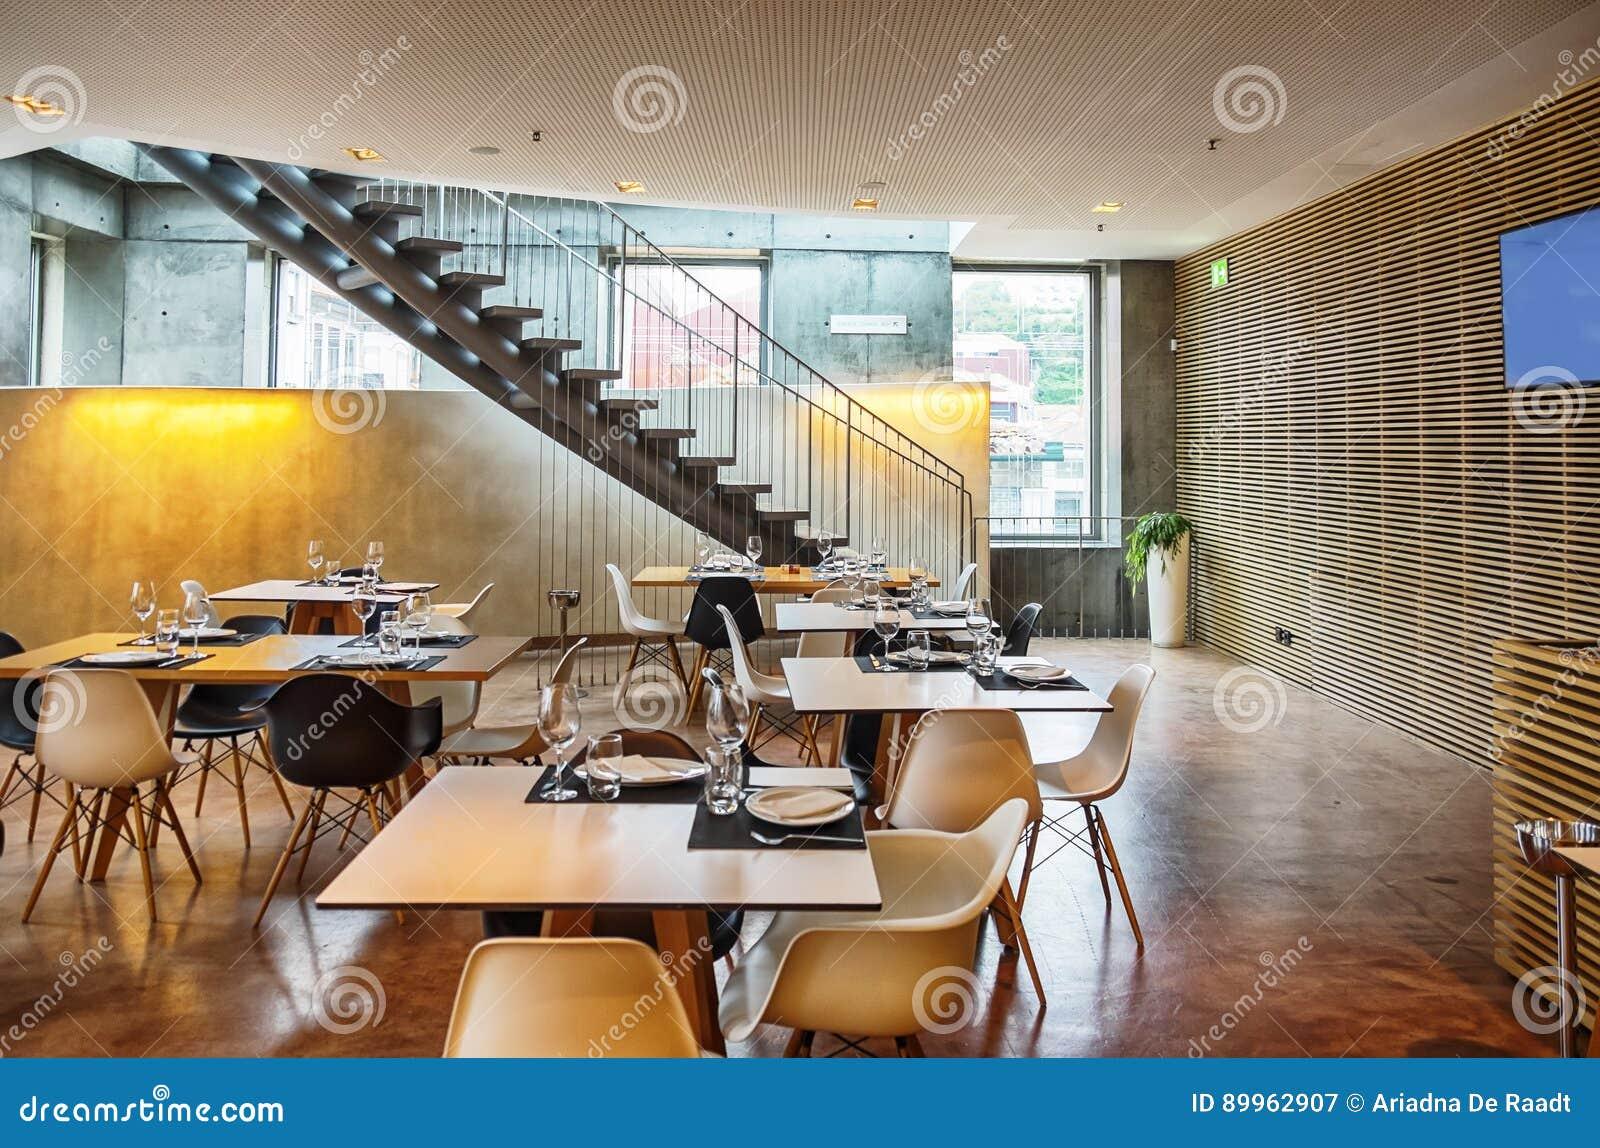 https://thumbs.dreamstime.com/z/int%C3%A9rieur-de-restaurant-avec-le-mur-d%C3%A9coratif-89962907.jpg